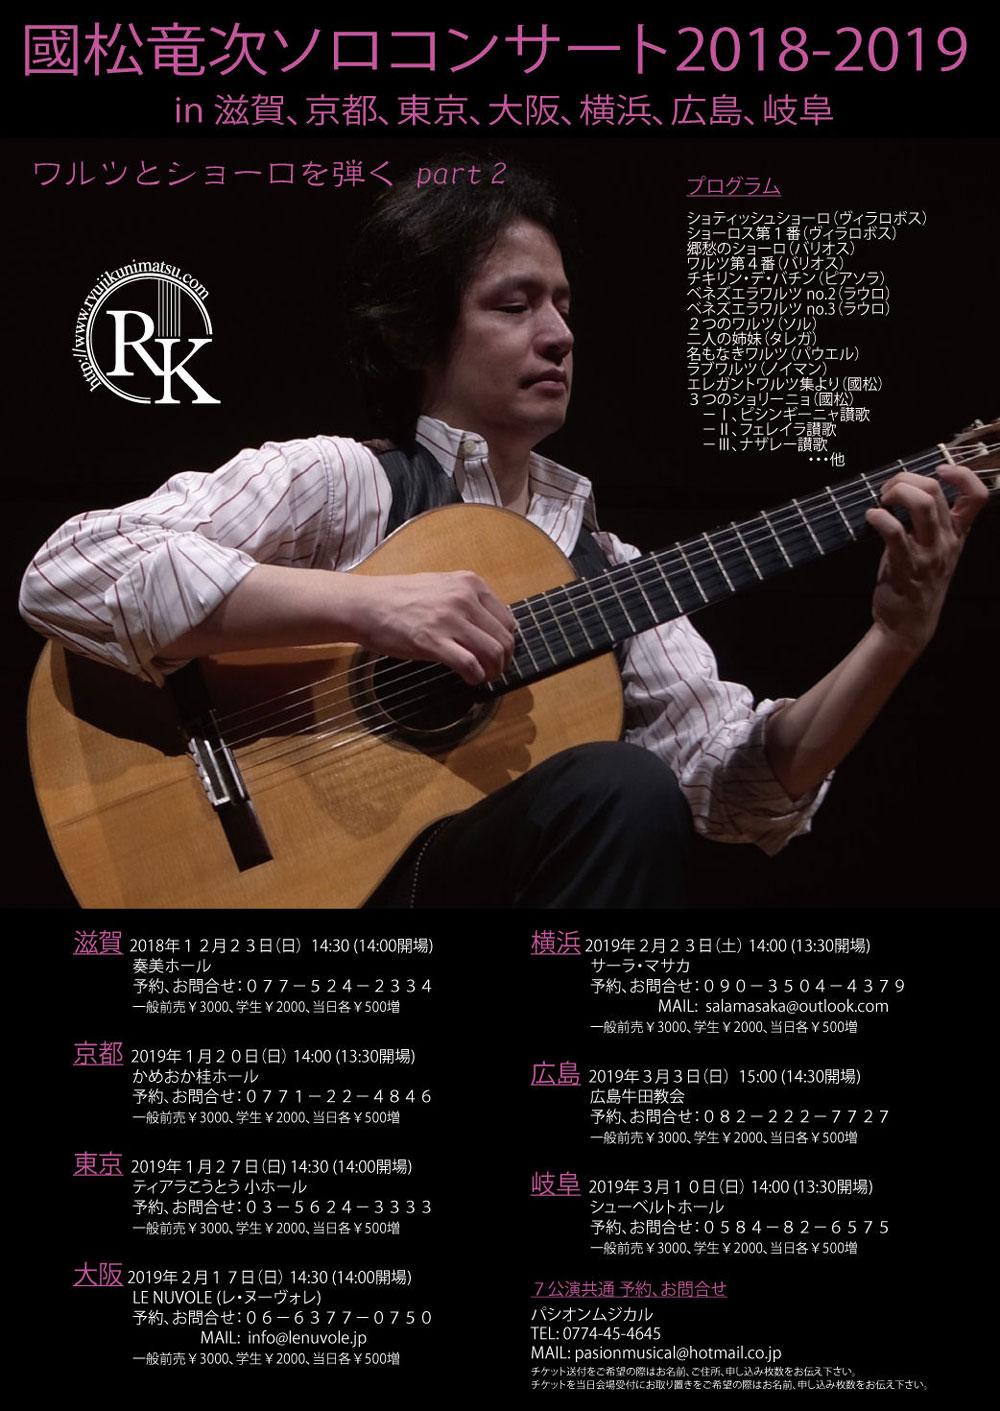 2/17(日)國松竜次ソロコンサート2018-2019